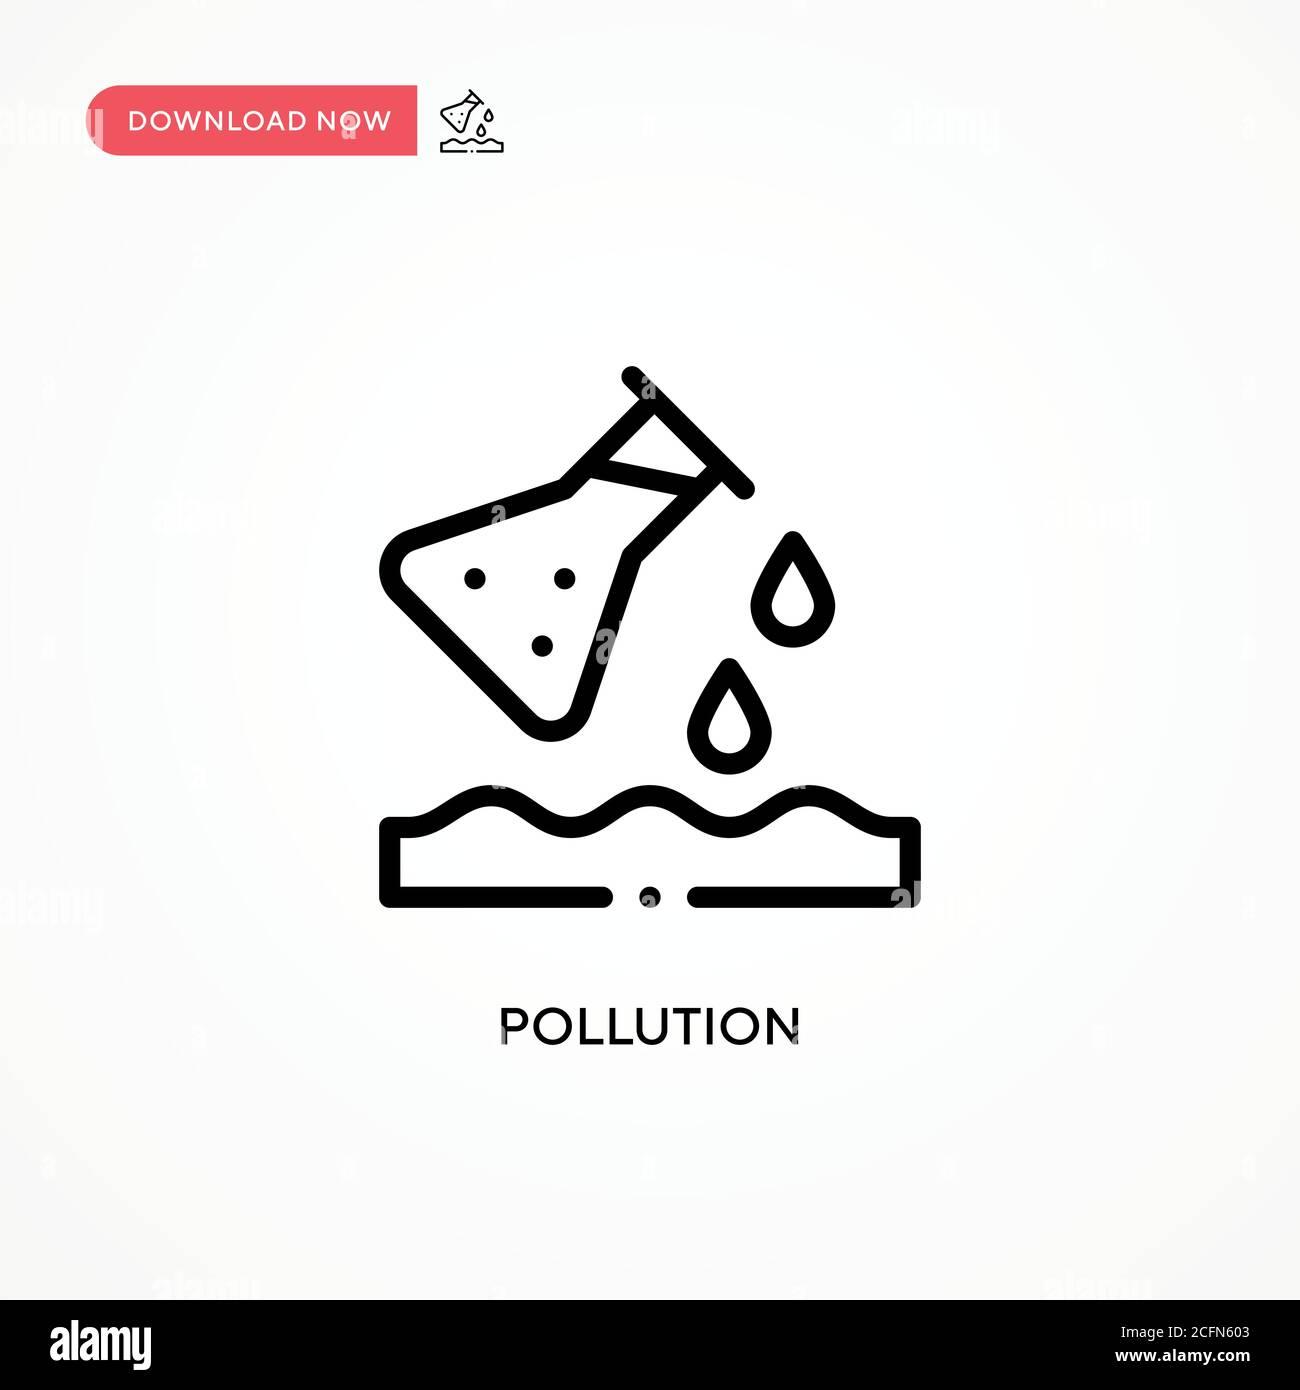 Icono de vector de contaminación. Ilustración moderna y sencilla de vector plano para sitio web o aplicación móvil Ilustración del Vector